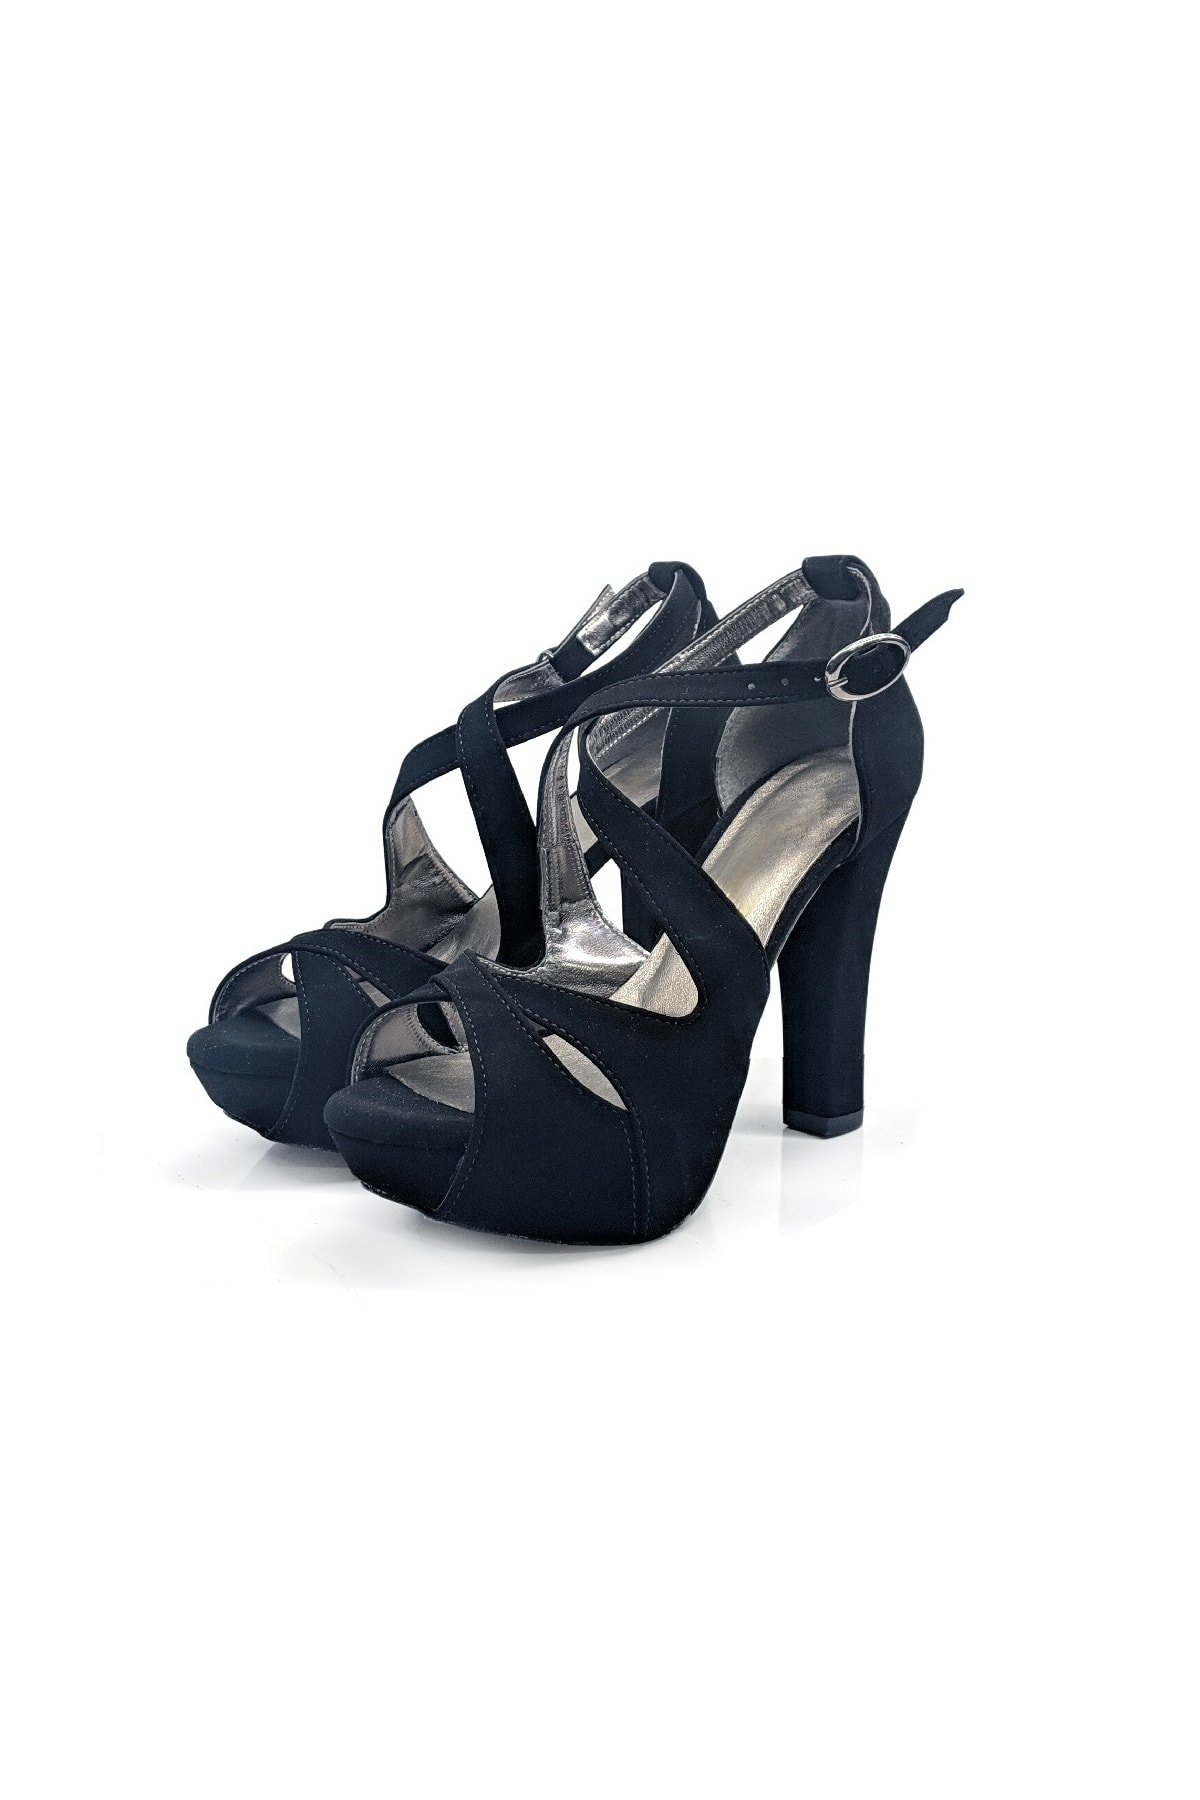 BBSHOES Kadın 12cm Abıye Düğün Ayakkabısı